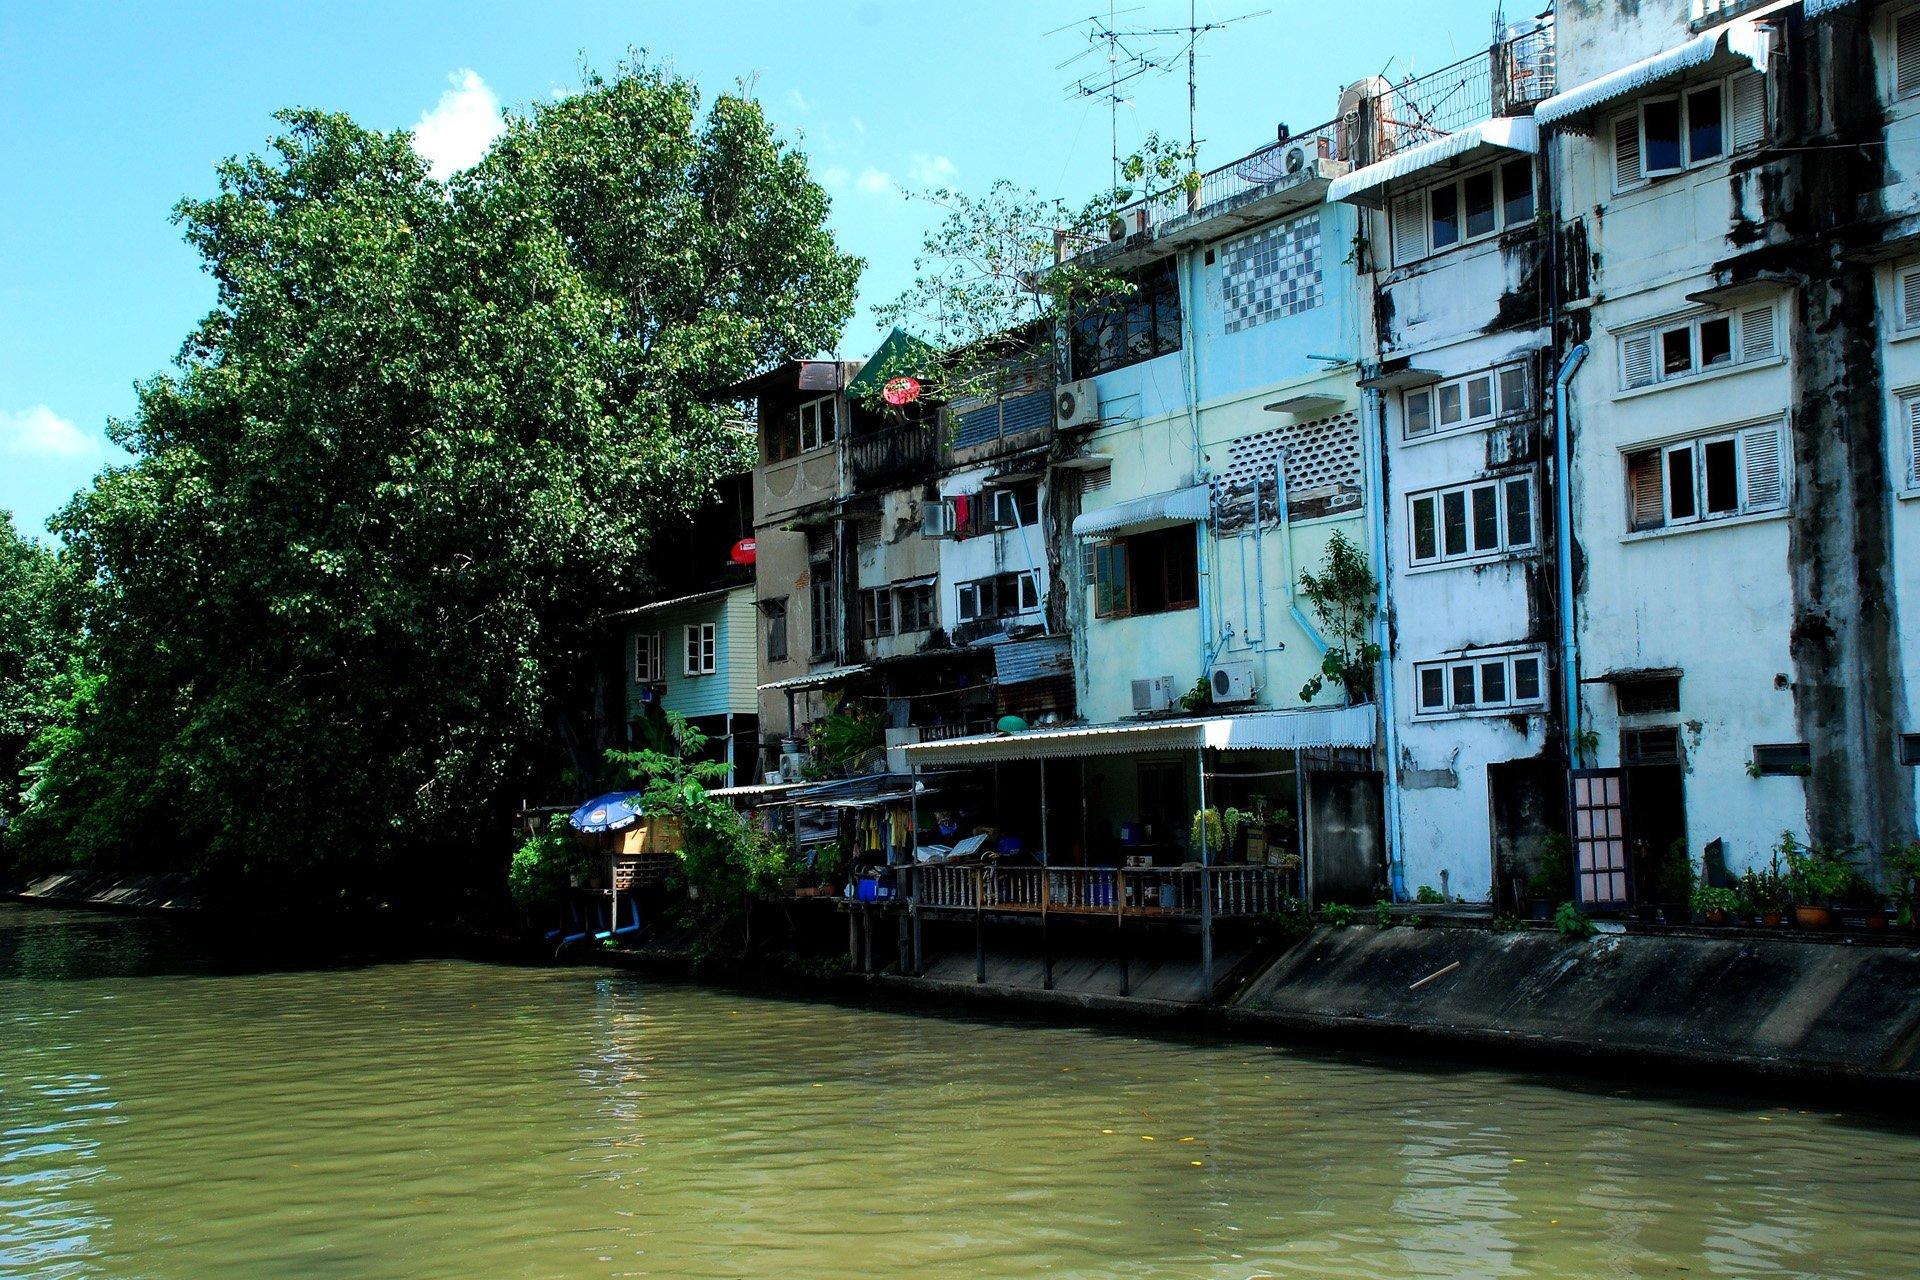 bangkok görüntüleri